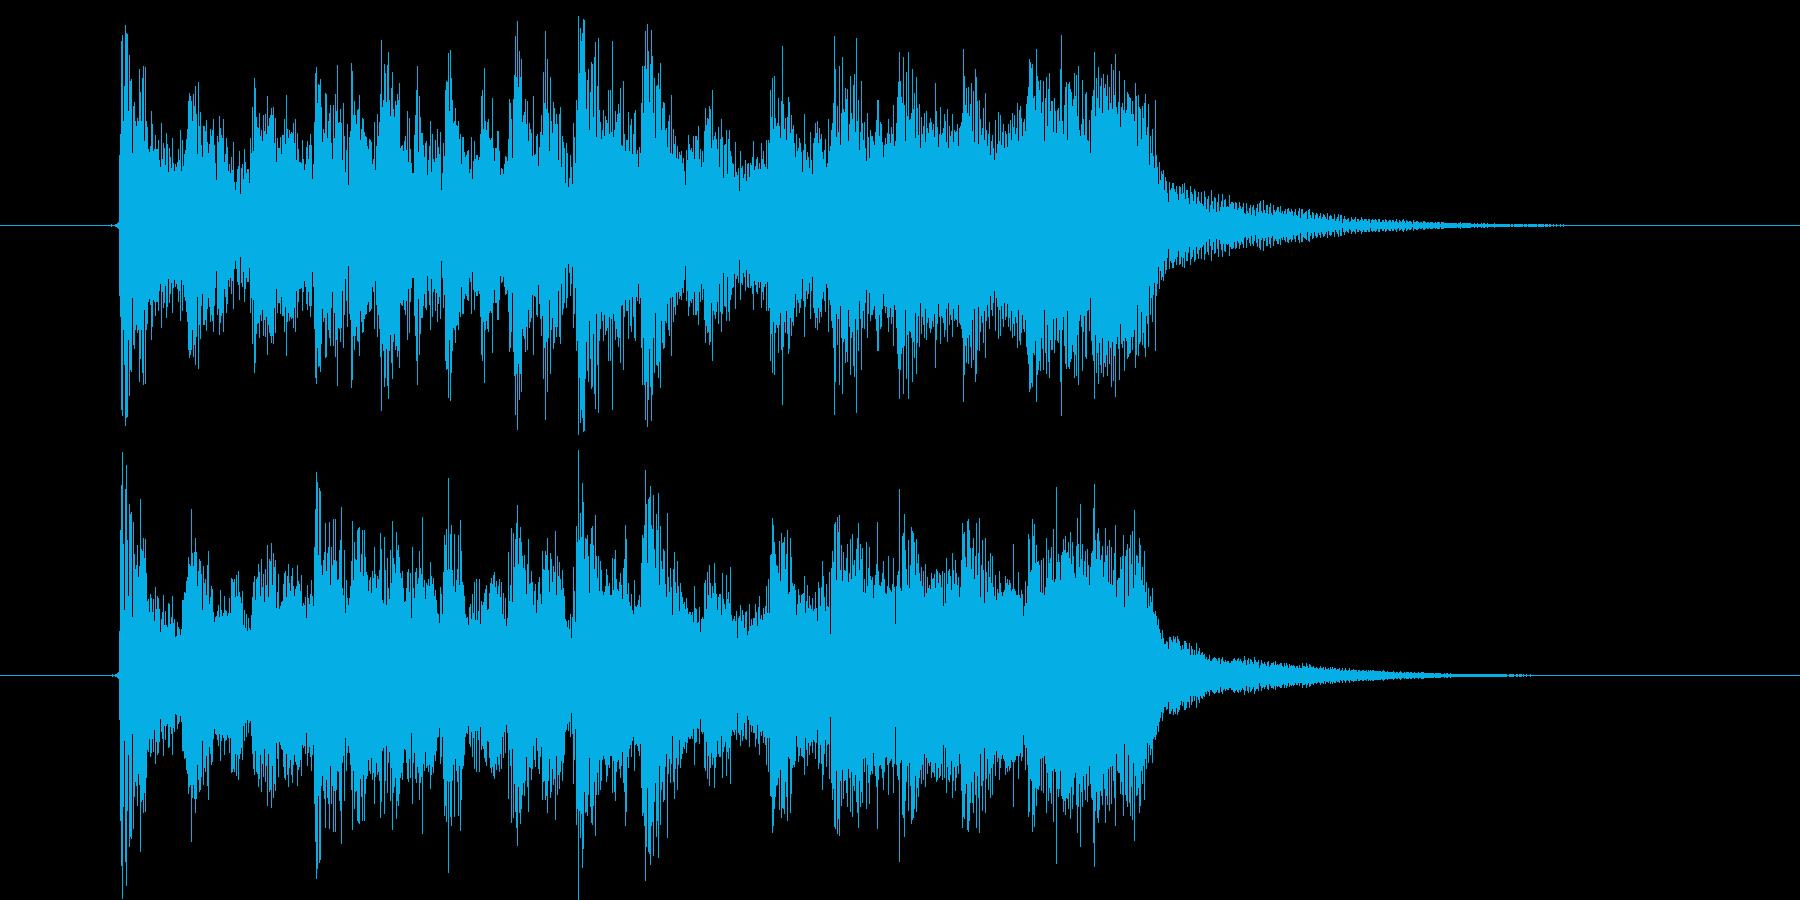 壮大な空間にトランペットが奏でるポップスの再生済みの波形